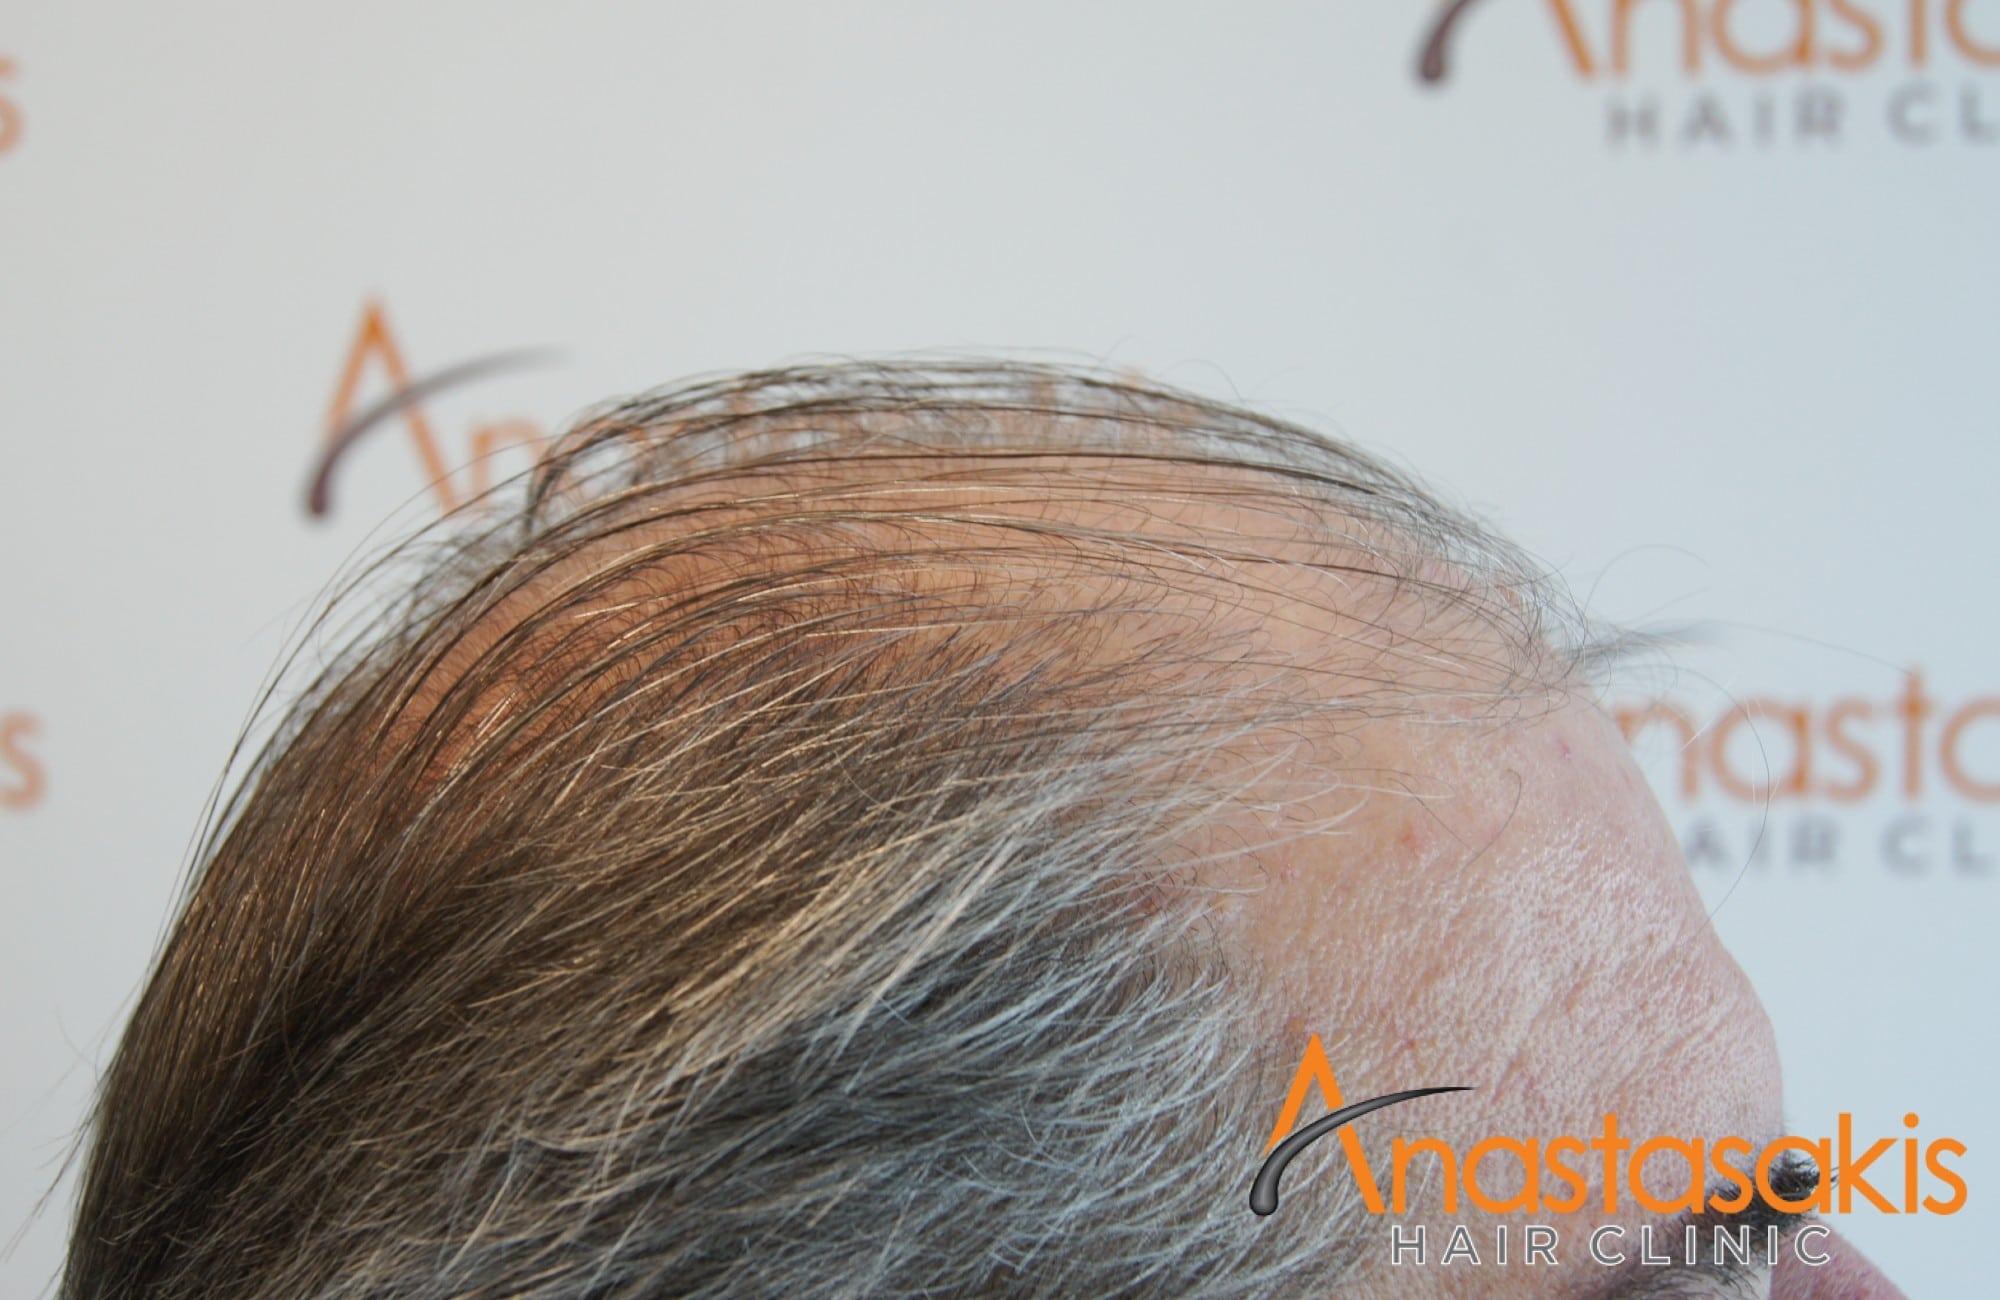 δεξι προφιλ πριν τη μεταμοσχευση μαλλιων με 4008 fus